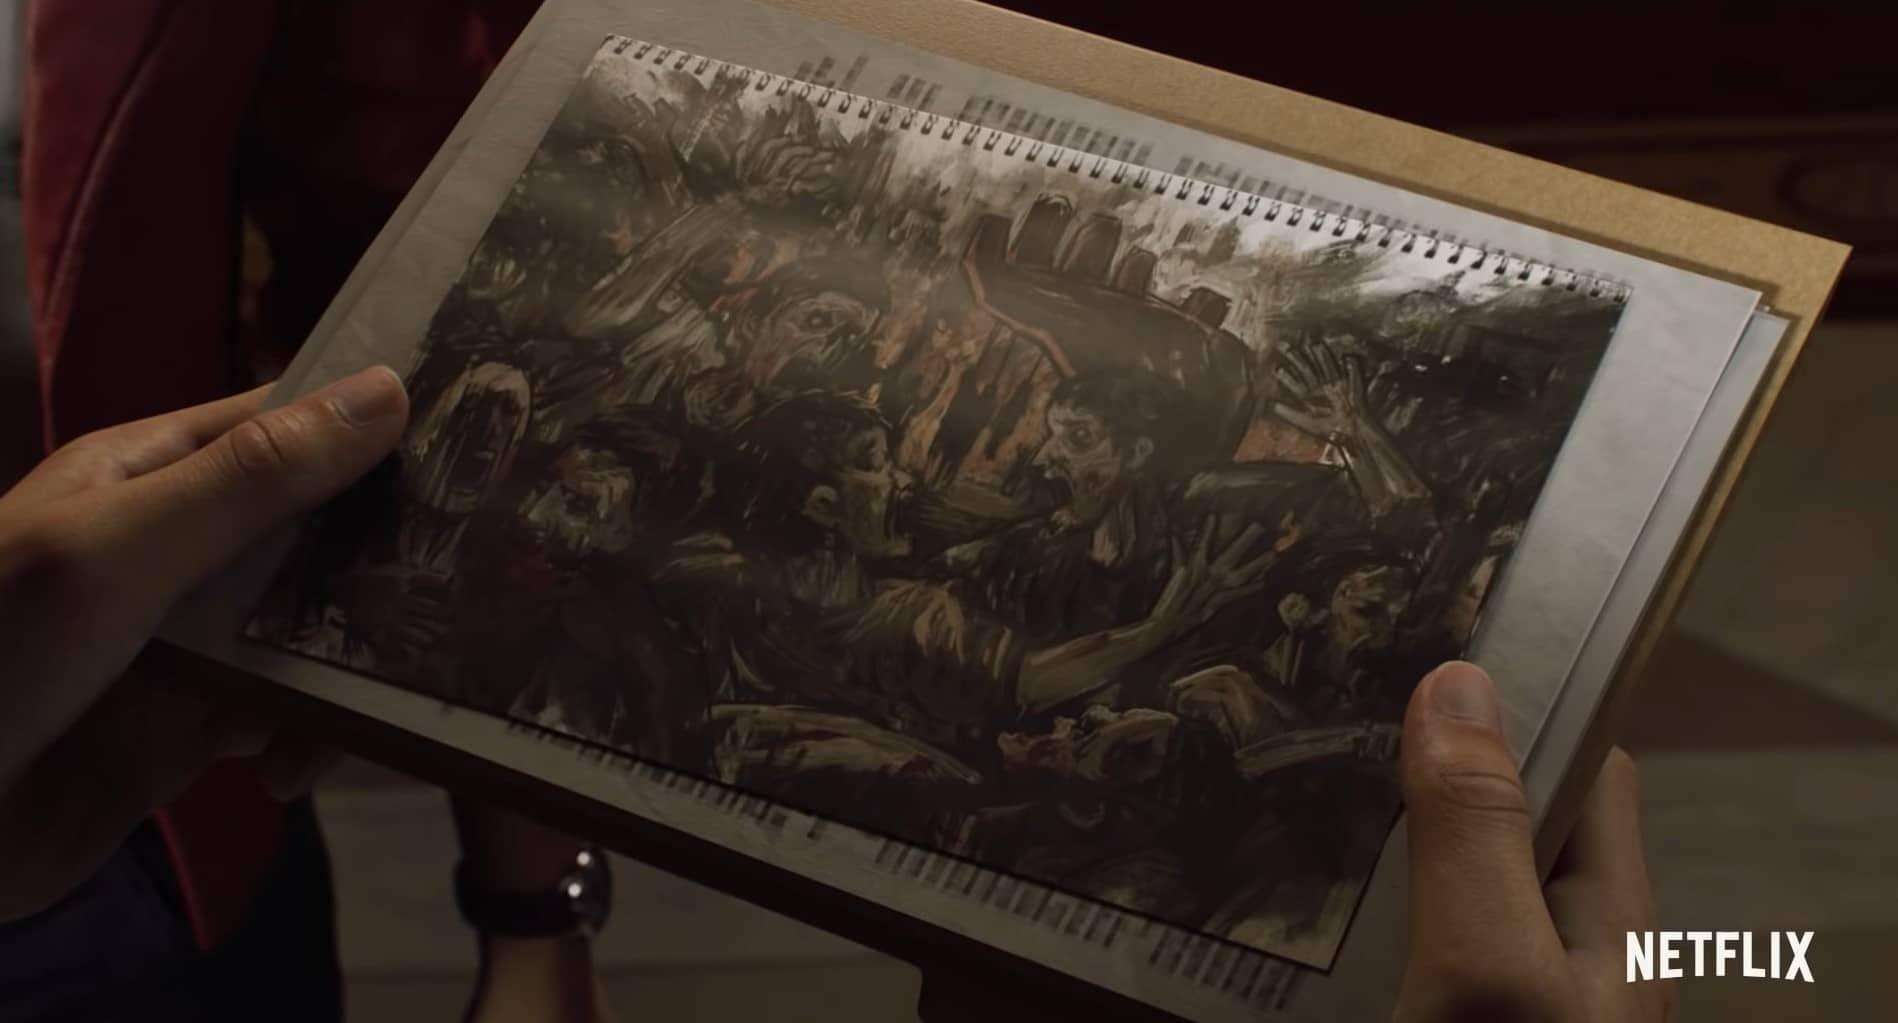 Tekening van een kind die erg lijkt op de zombie-uitbraak van Raccoon City. Leon S. Kennedy en Claire Redfield inspecteren de tekening in de nieuwe Netflix-horrorserie Resident Evil: Infinite Darkness